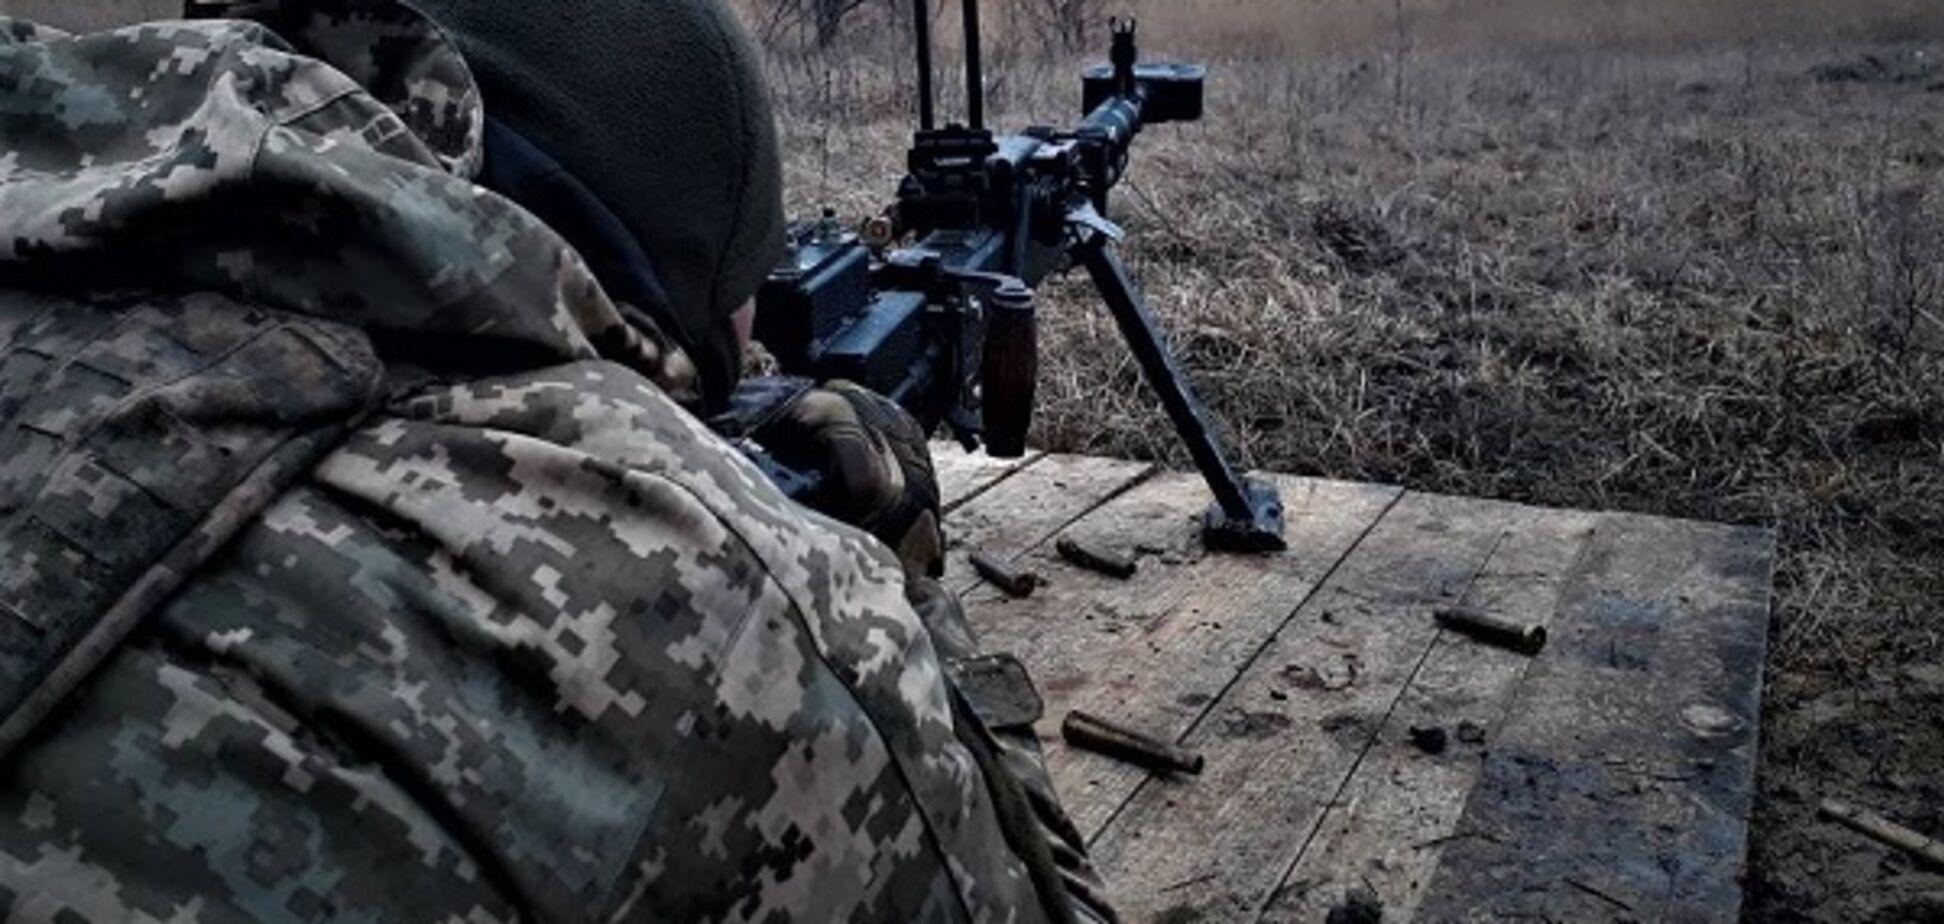 Жесткие бои на Донбассе: террористы ''Л/ДНР''' понесли потери